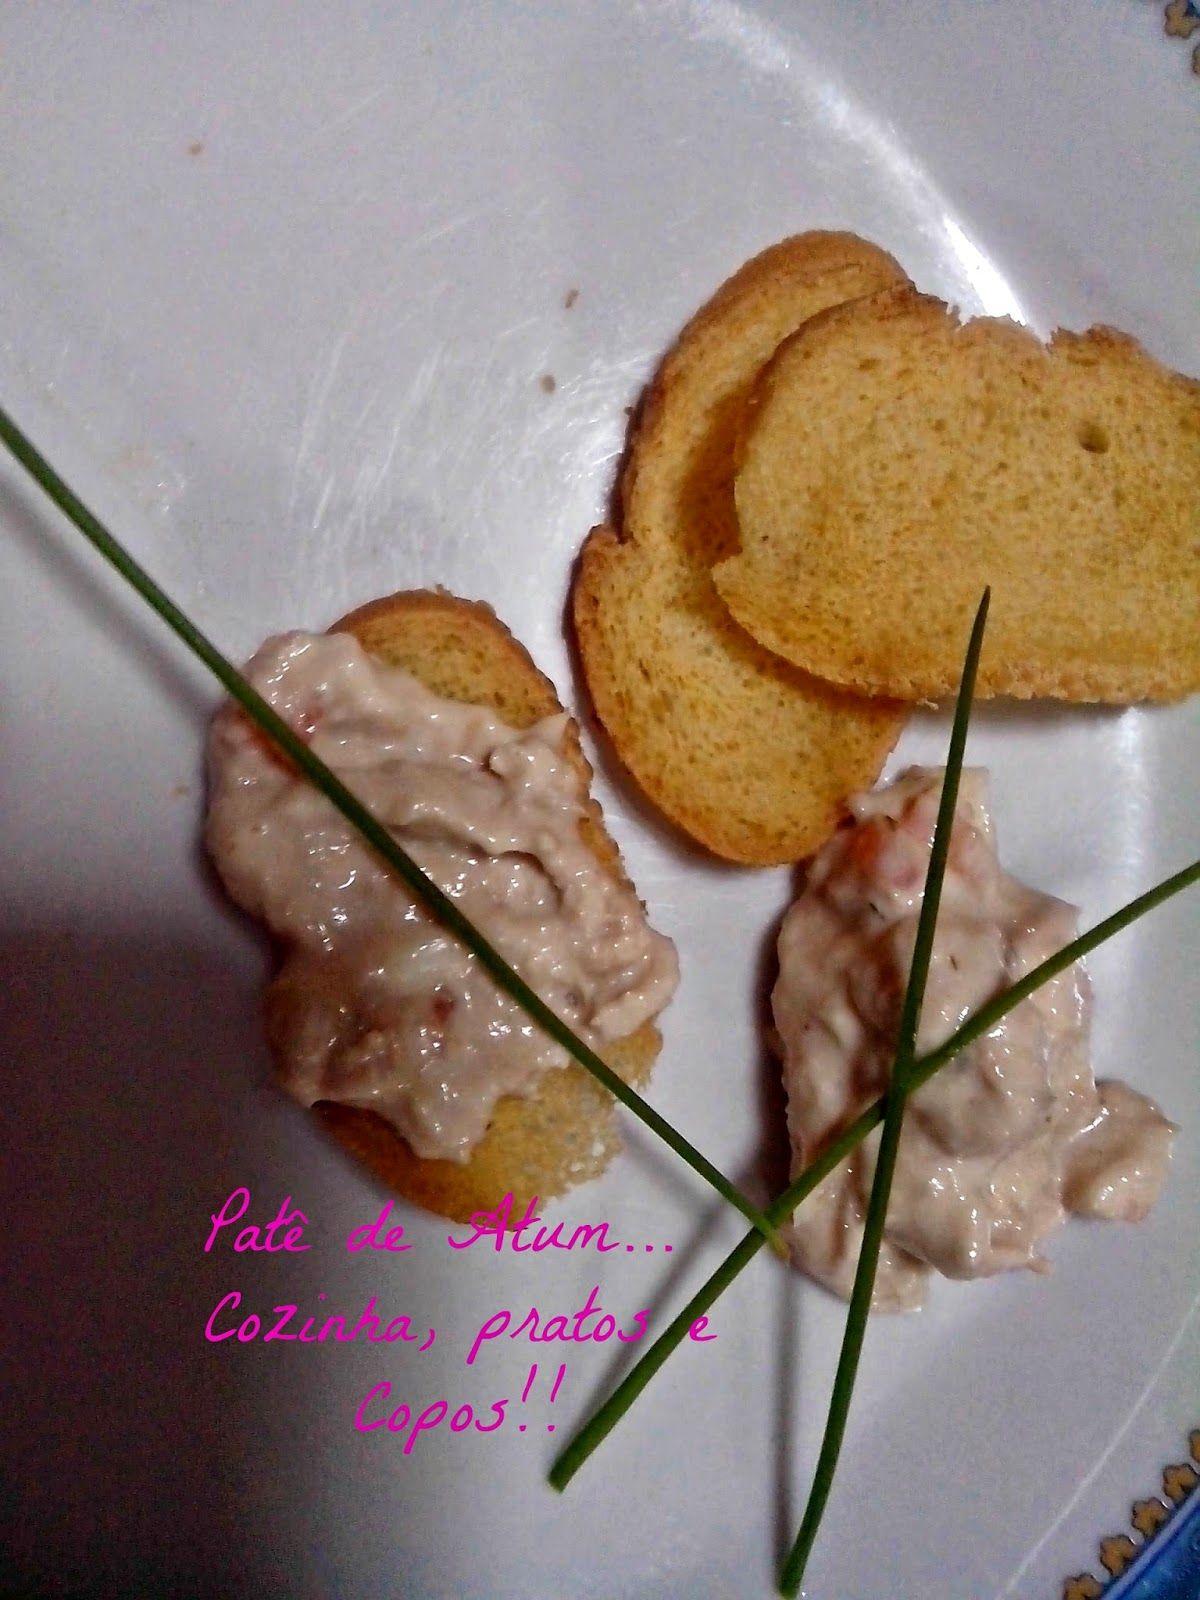 Cozinha, Pratos e Copos: Patê de Atum...